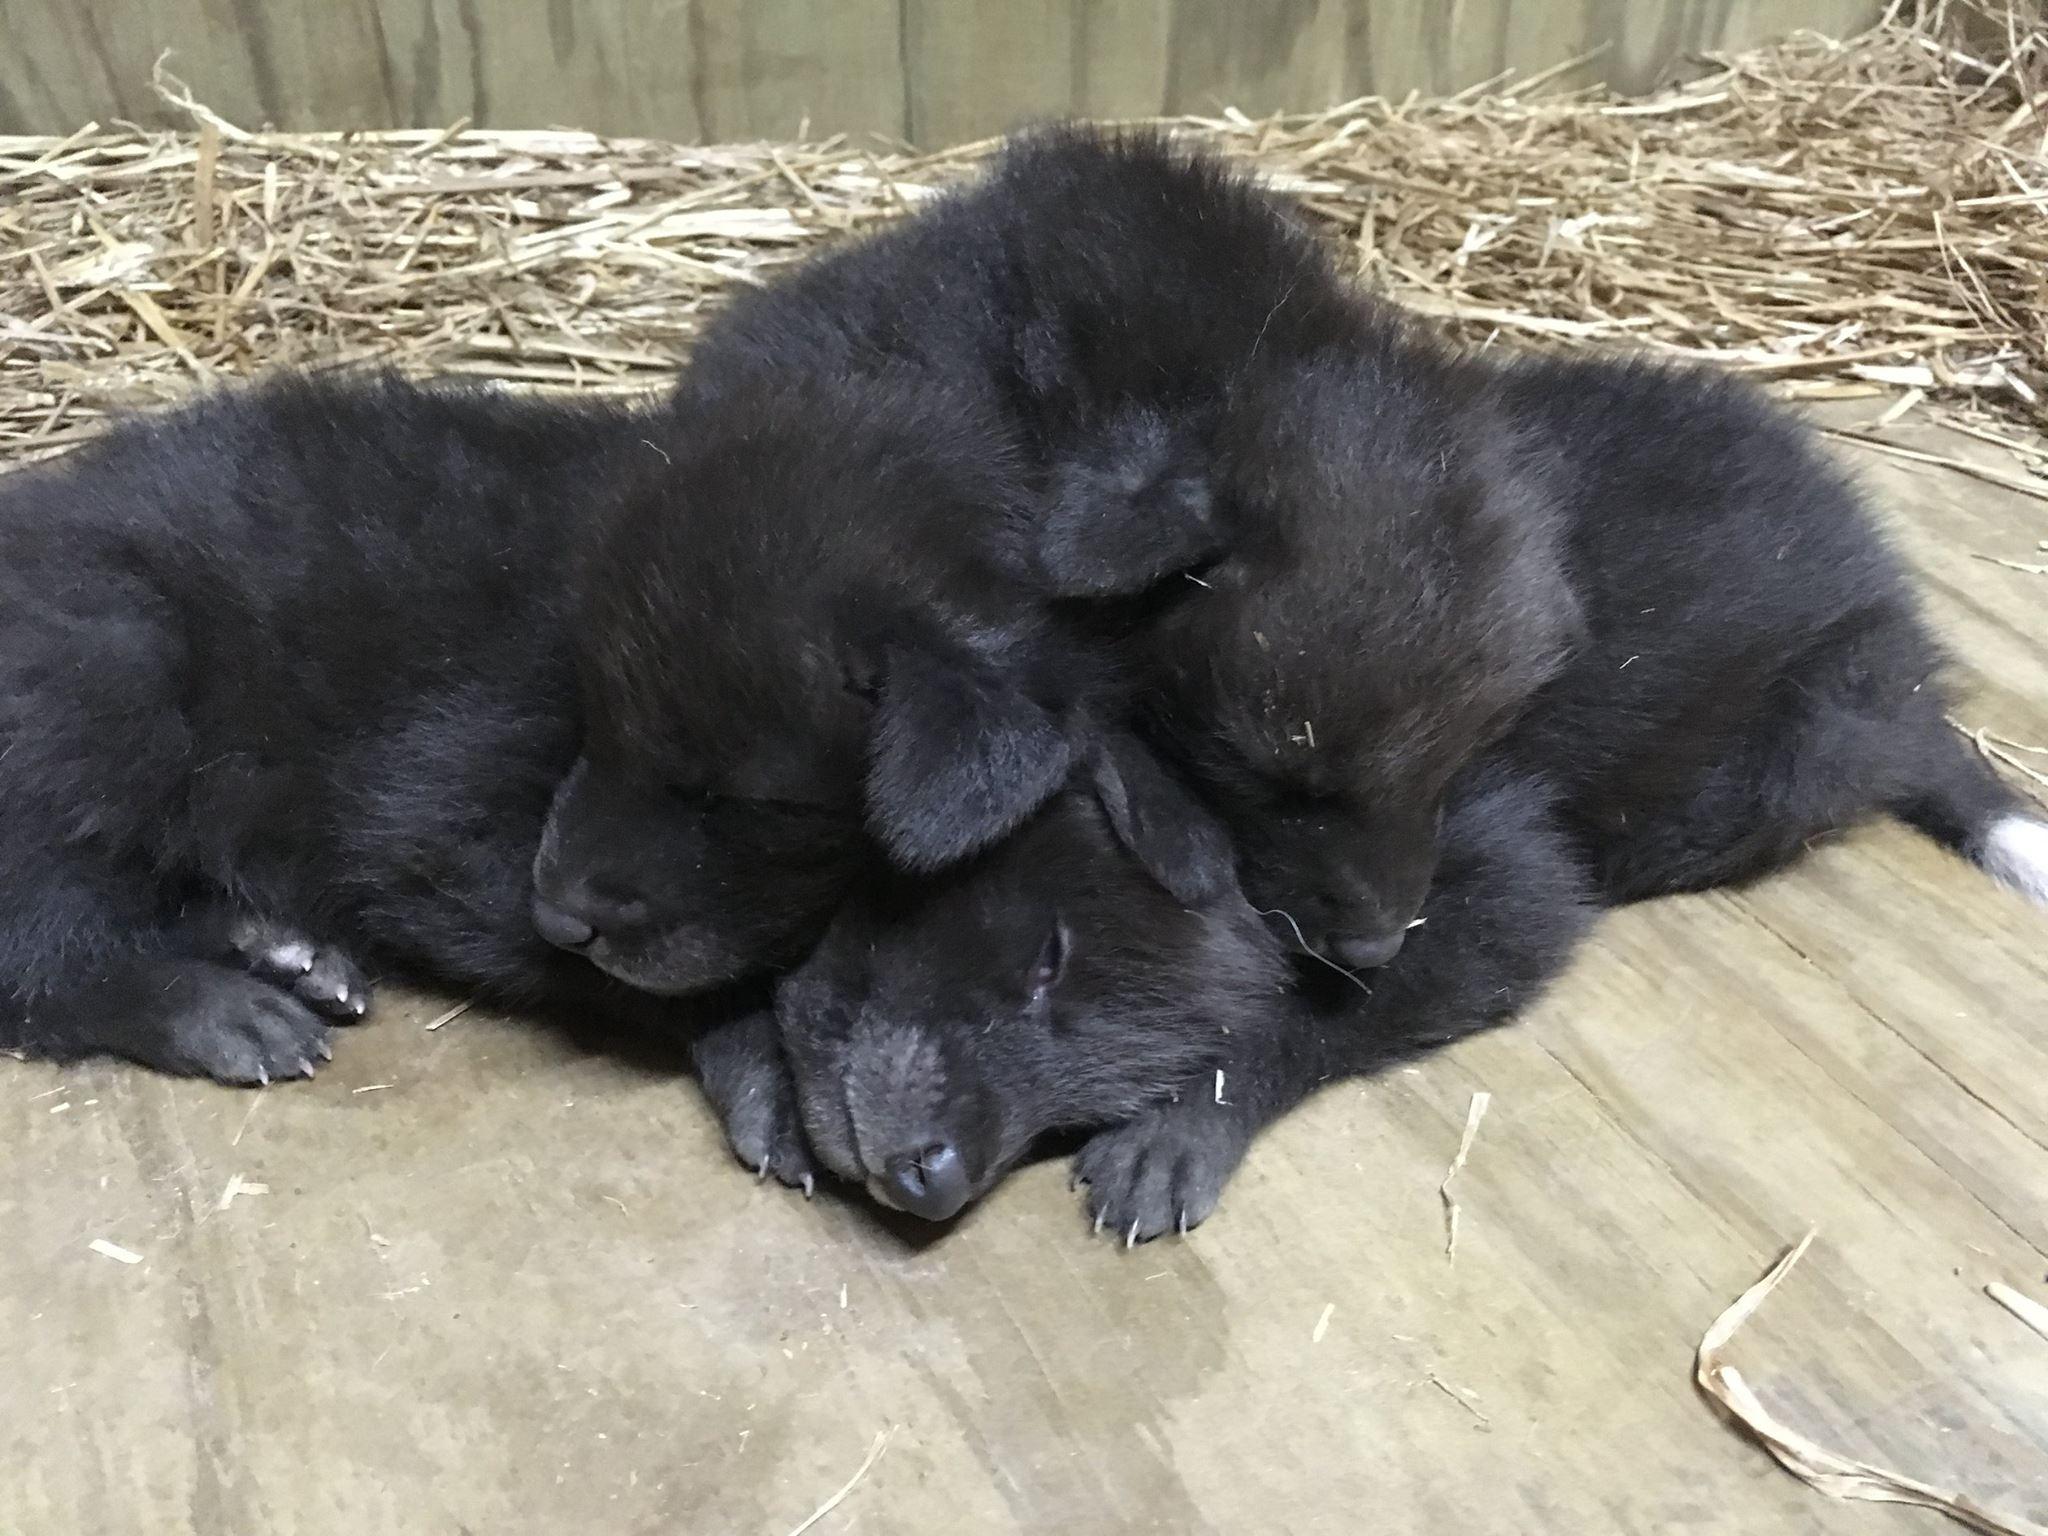 Courtesy: Little Rock Zoo